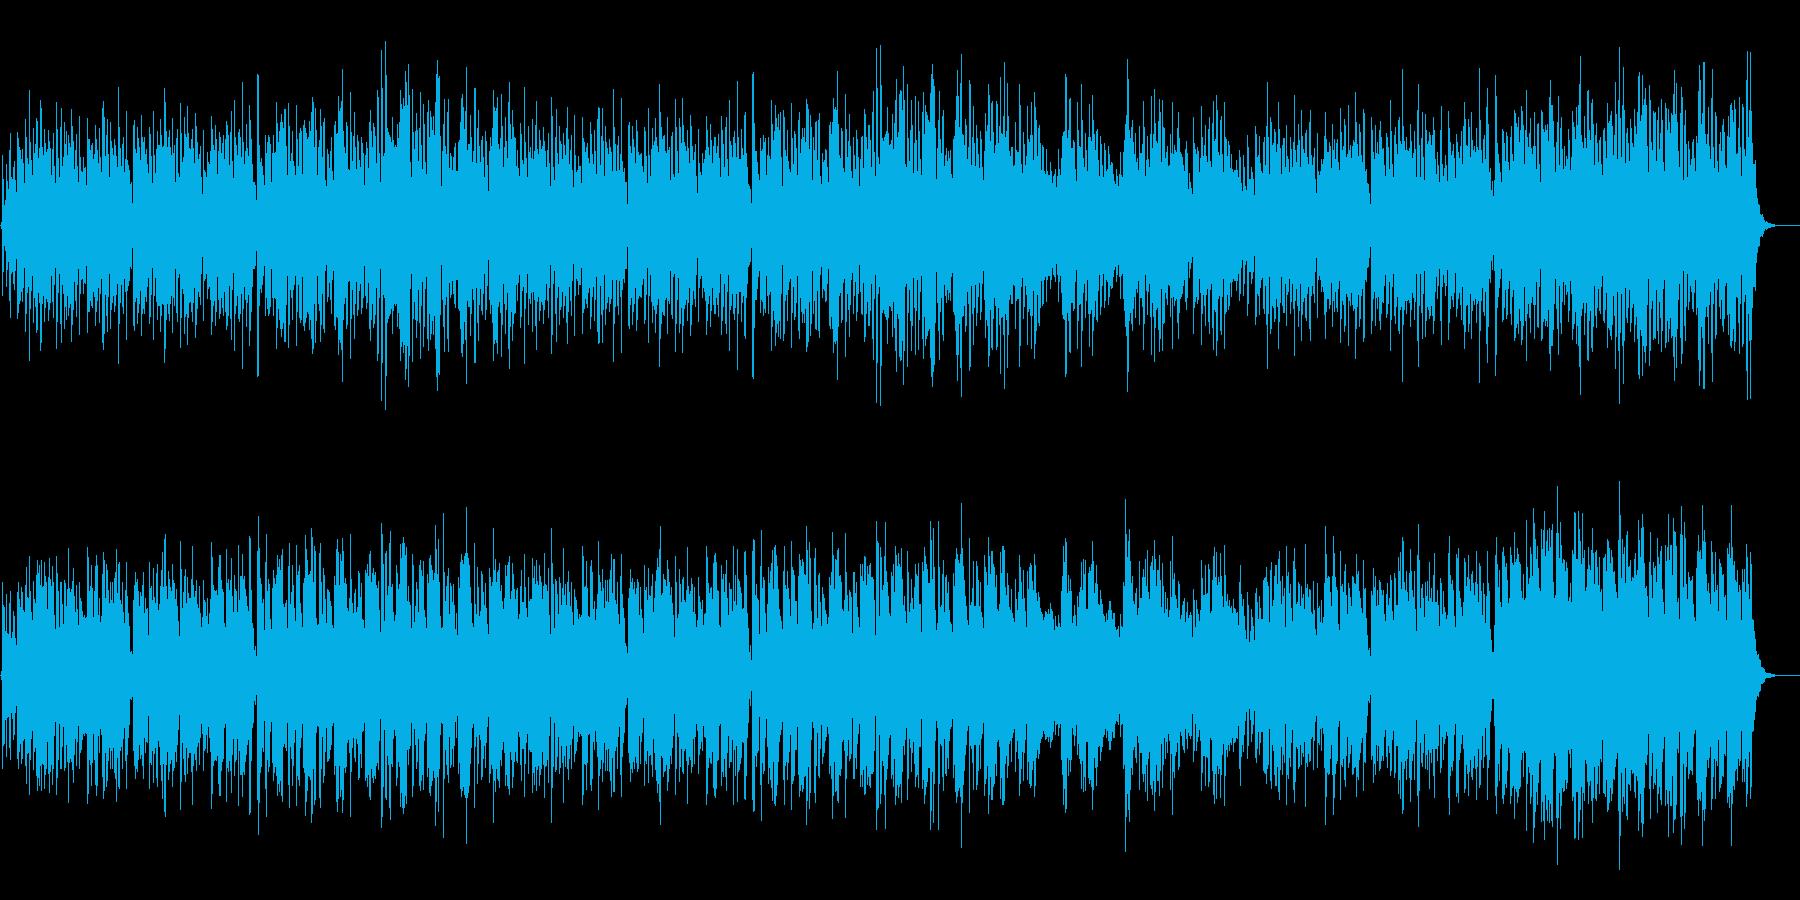 ほのぼの楽しい琴の和風BGMの再生済みの波形